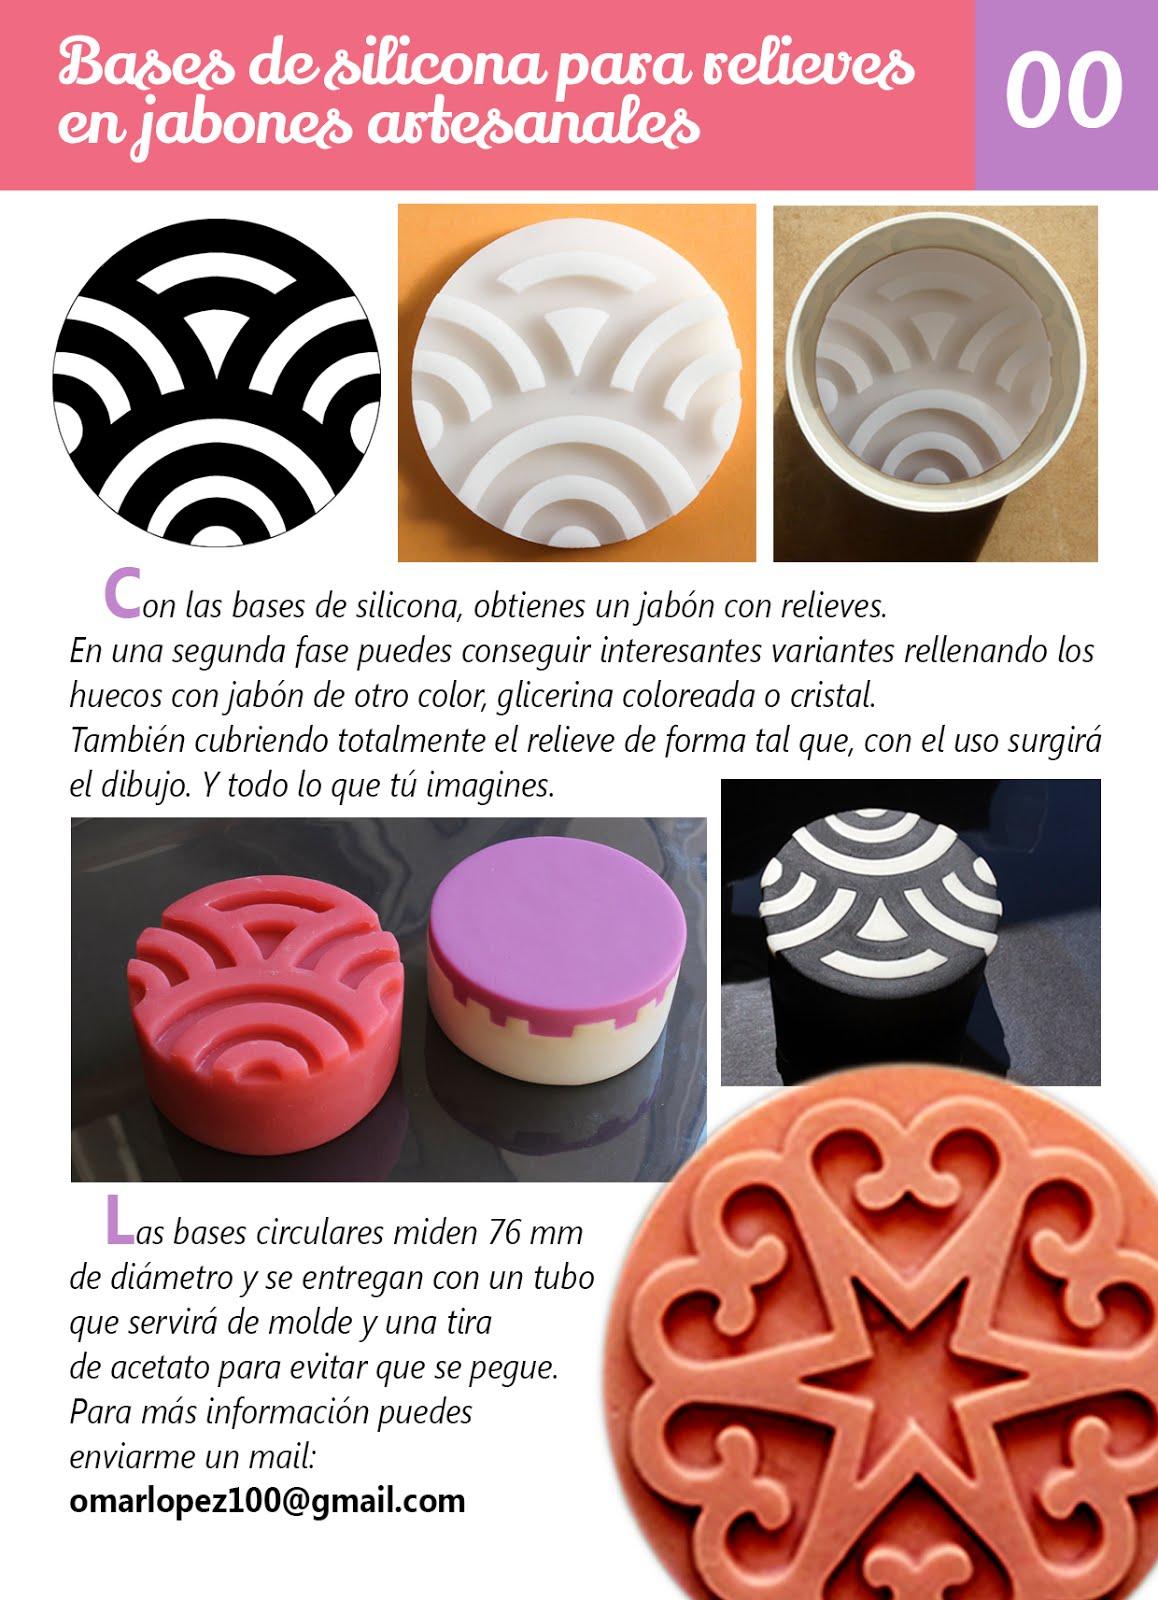 Bases de silicona